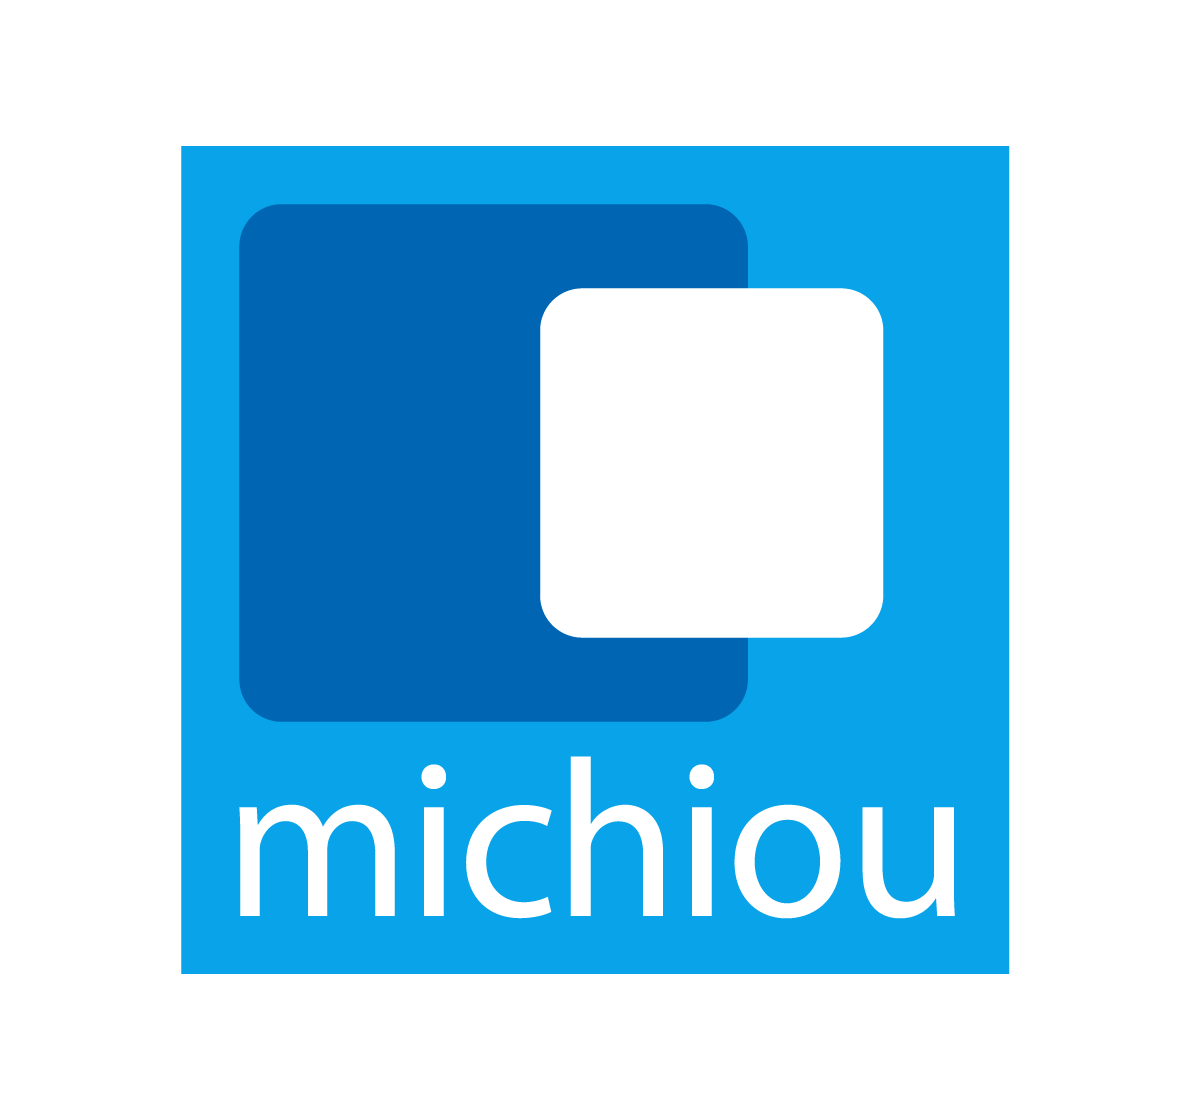 Michiou